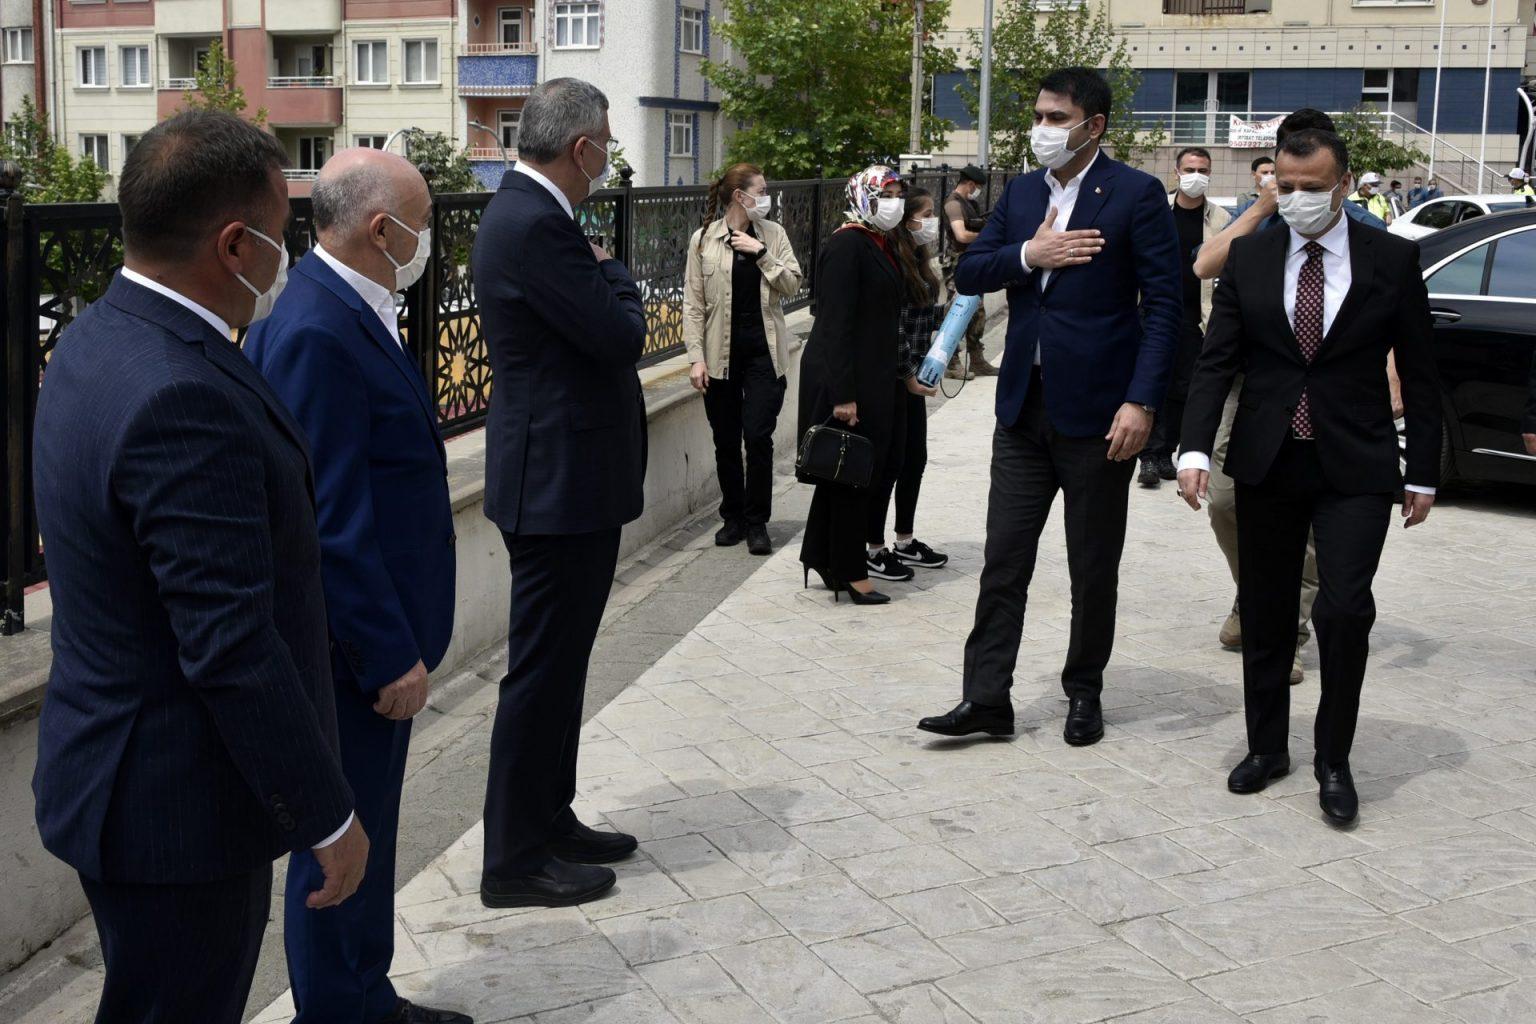 evre ve Şehircilik Bakanı Murat Kurum Gümüşhaneye çok sayıda projeleri hayata geçirecek müjdeler verdi 2